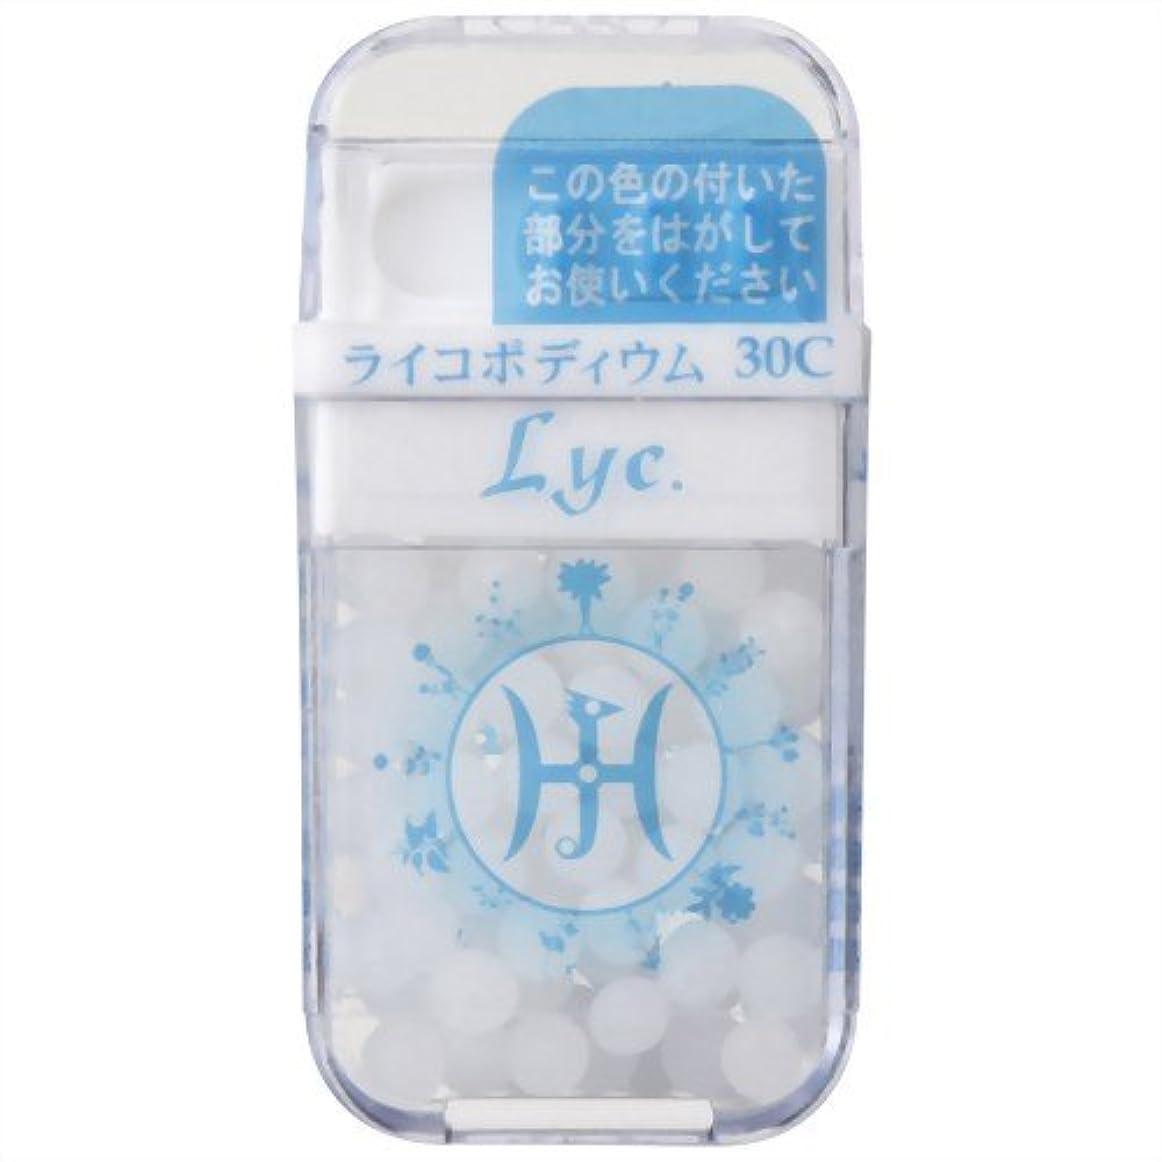 ホメオパシージャパンレメディー Lyc.  ライコボディウム 30C (大ビン)